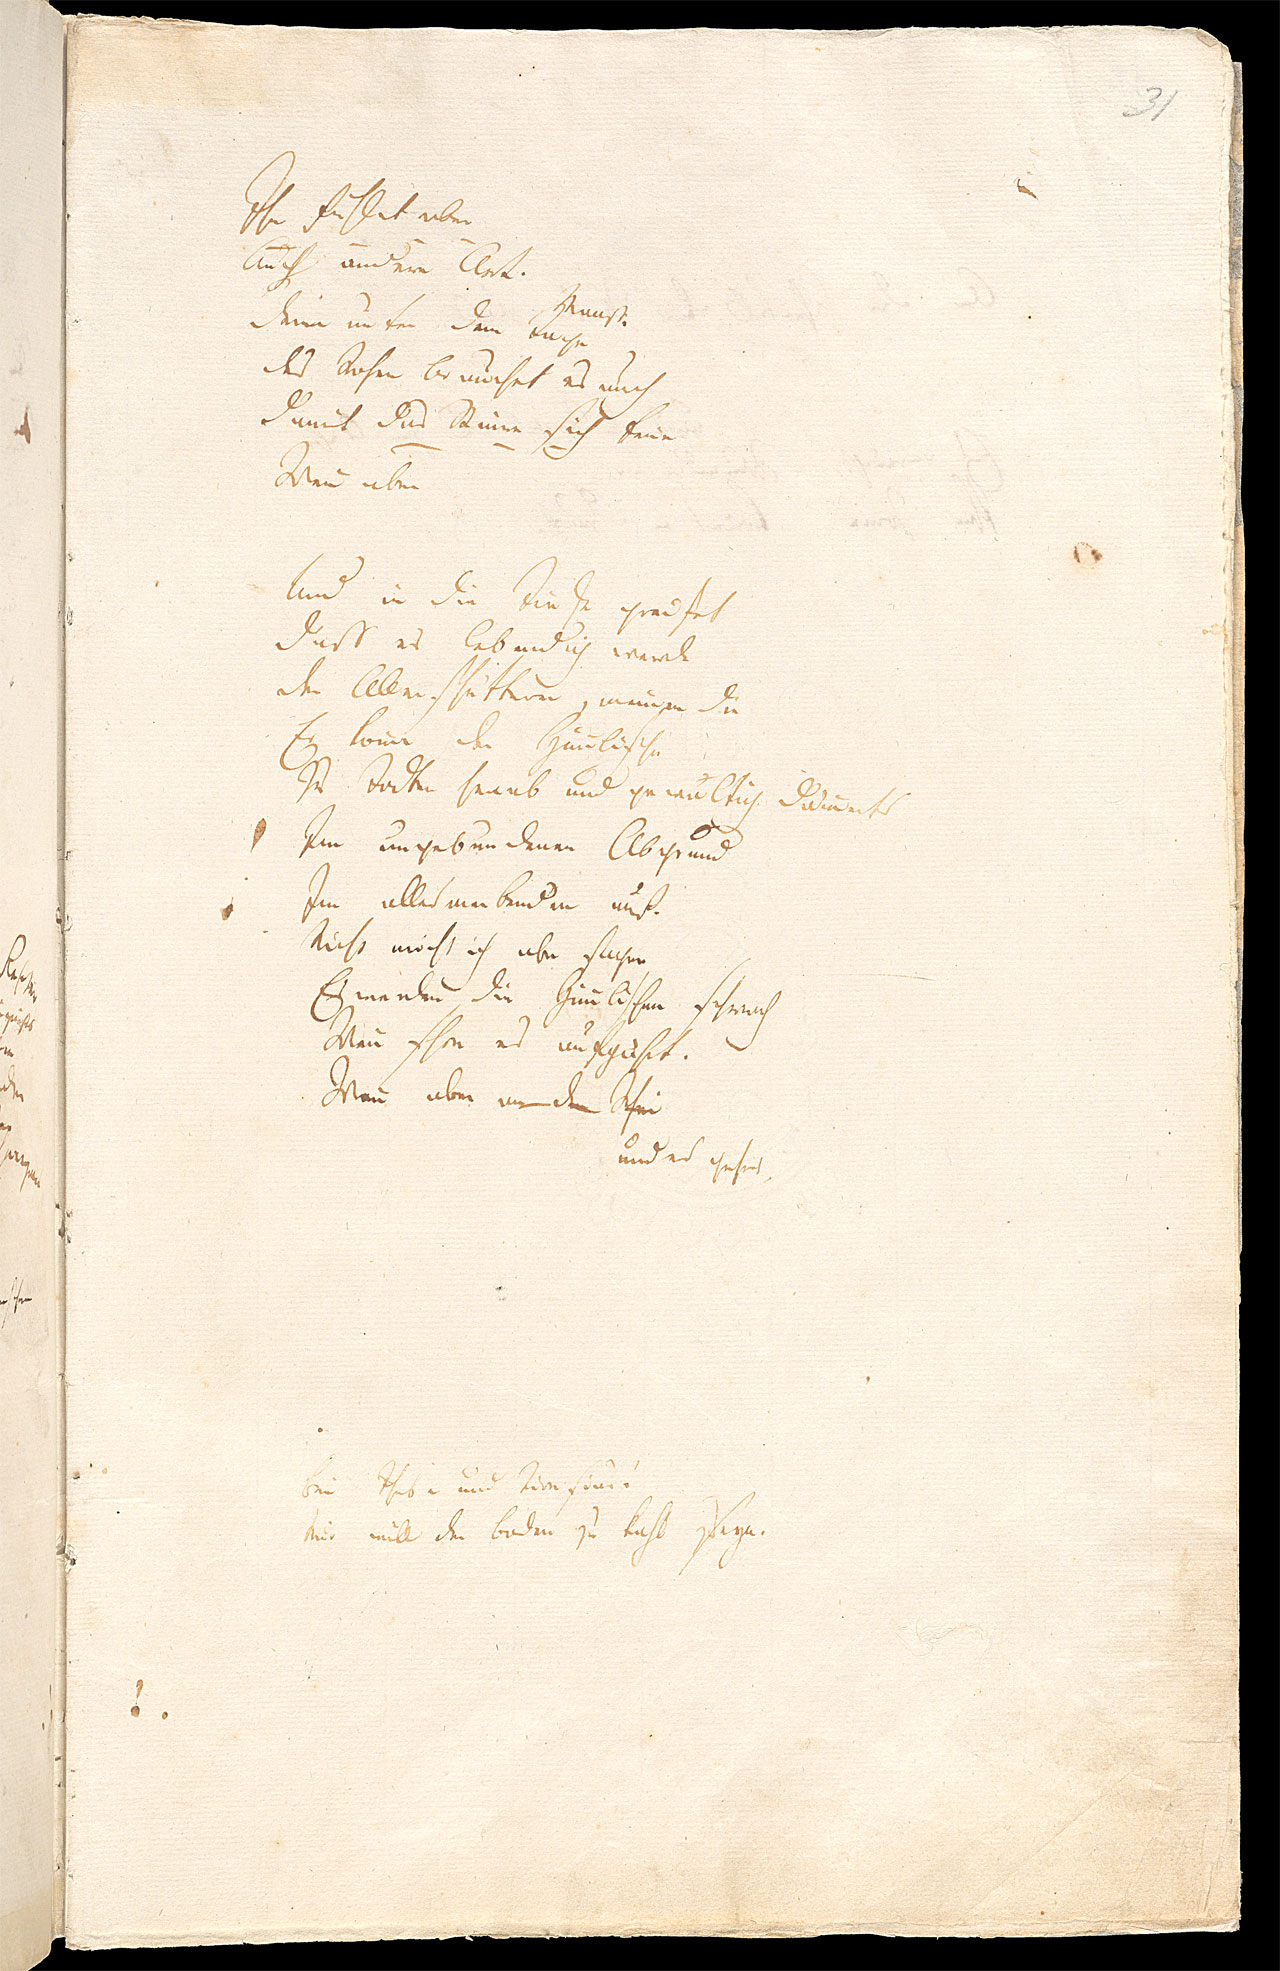 Friedrich Hölderlin, Homburger Folioheft, Seite 31, Die Titanen, Handschrift